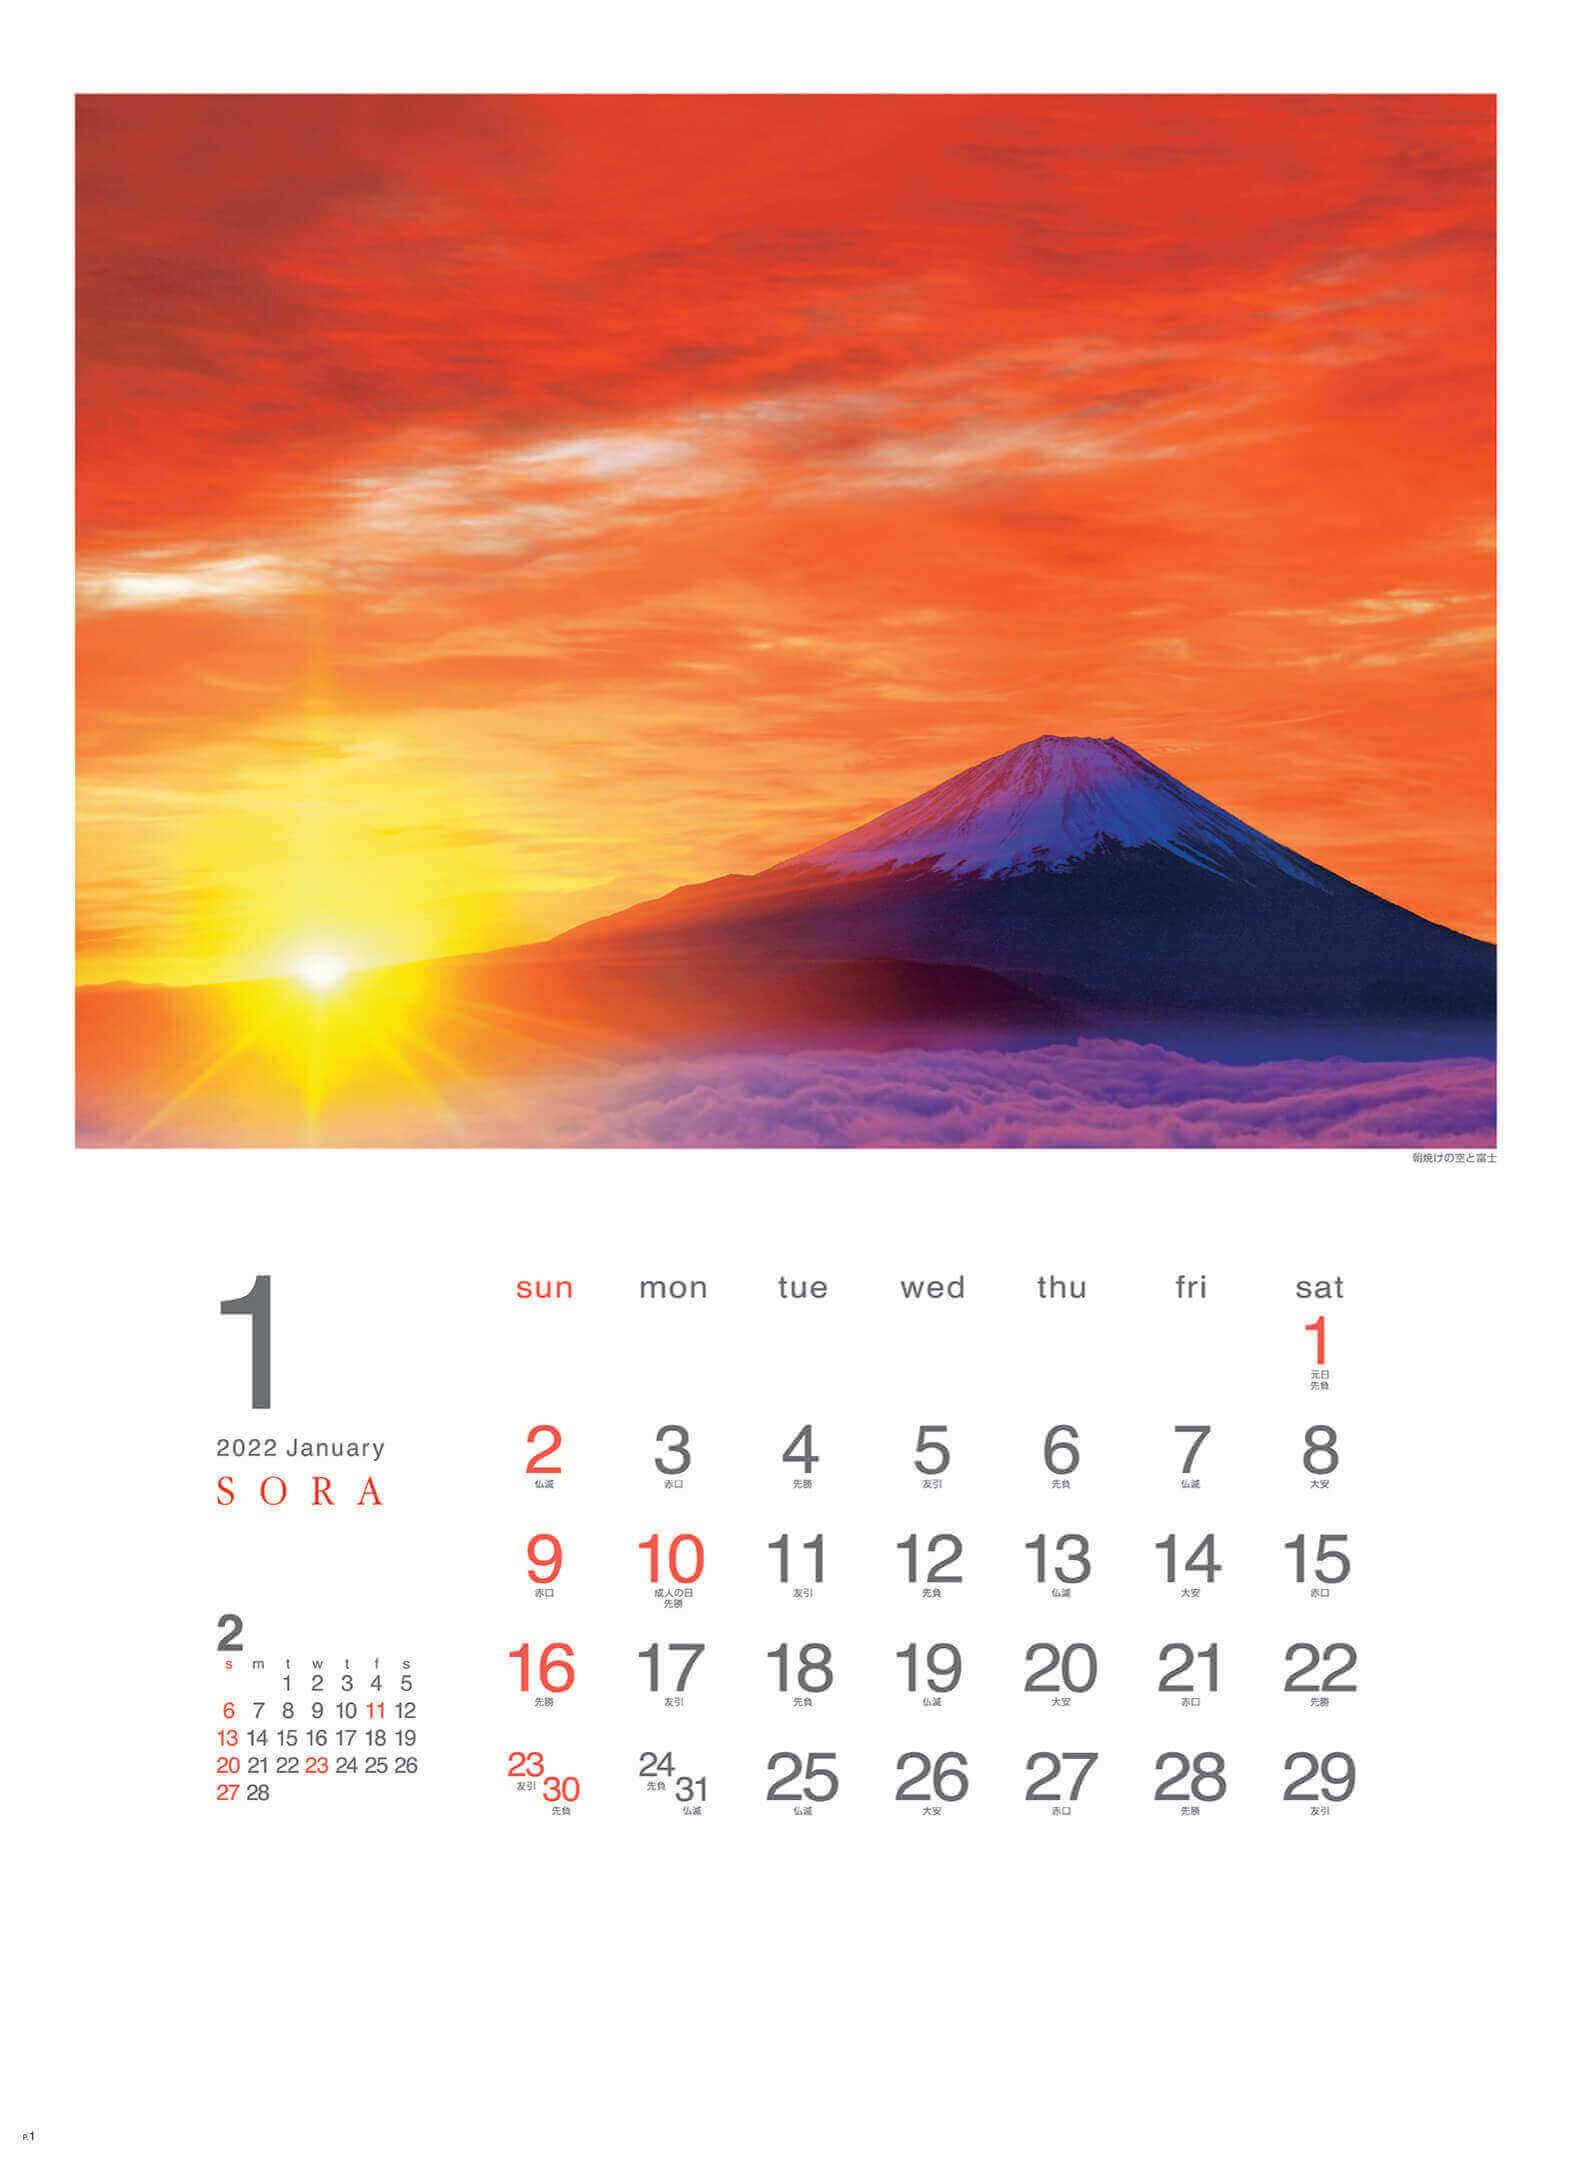 1月 朝焼けの空と富士 SORA -空- 2022年カレンダーの画像